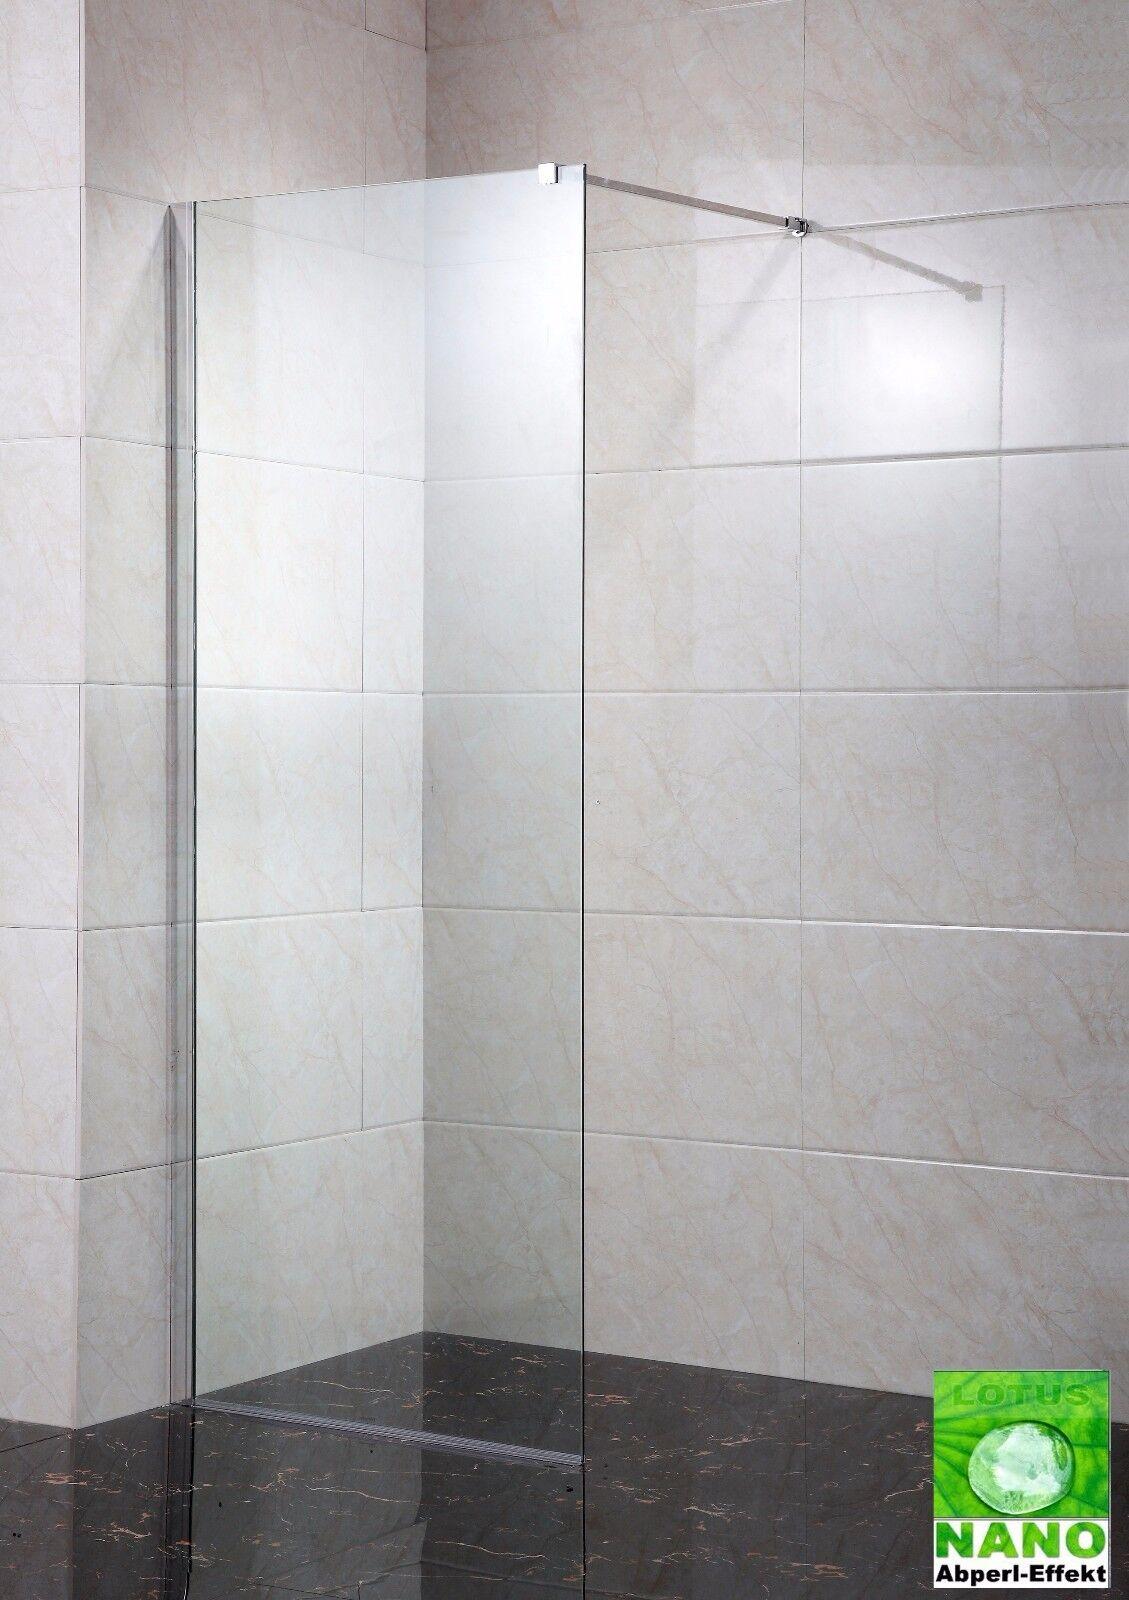 Duschkabine Duschwand Dusche Duschabtrennung Walk-in Nano ESG 10 mm. Seitenwand